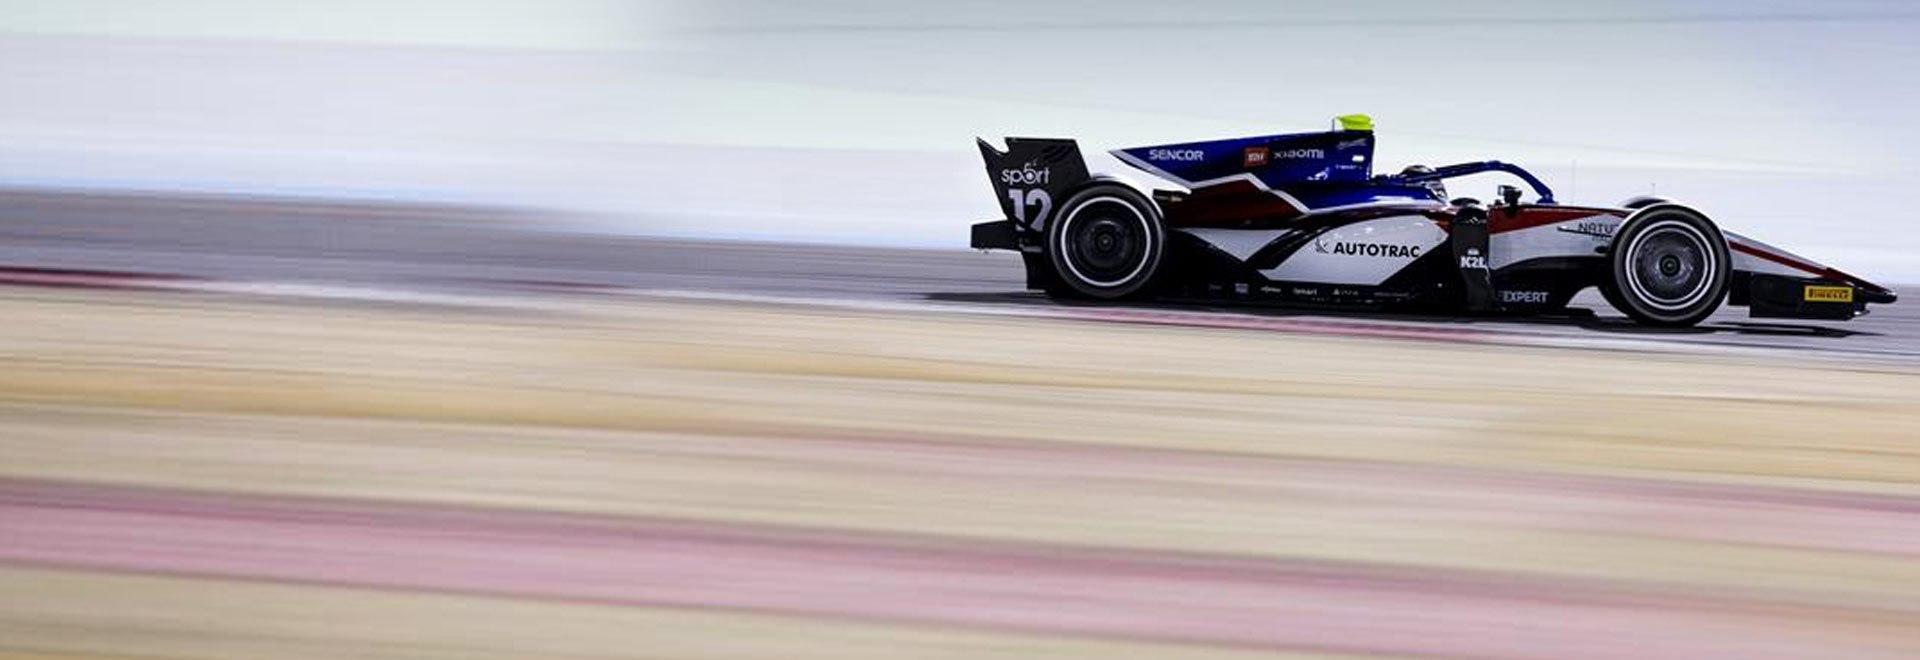 GP Toscana. Qualifiche